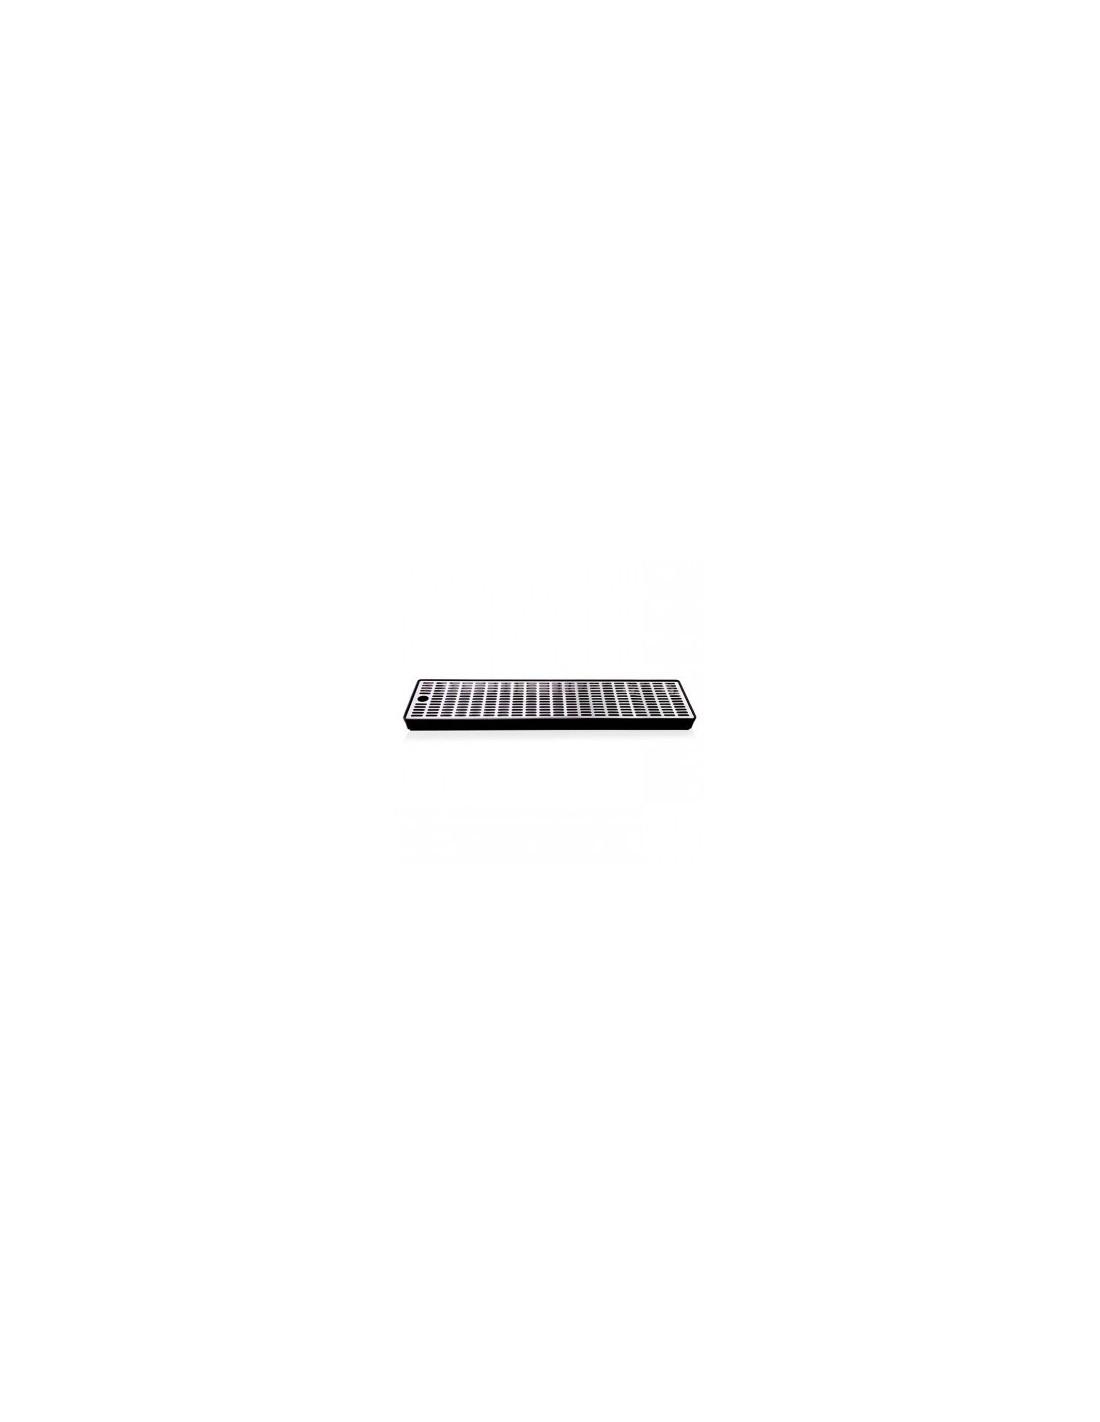 VYR02272 - Spillbricka i plast och rostfritt 600x150x35 mm